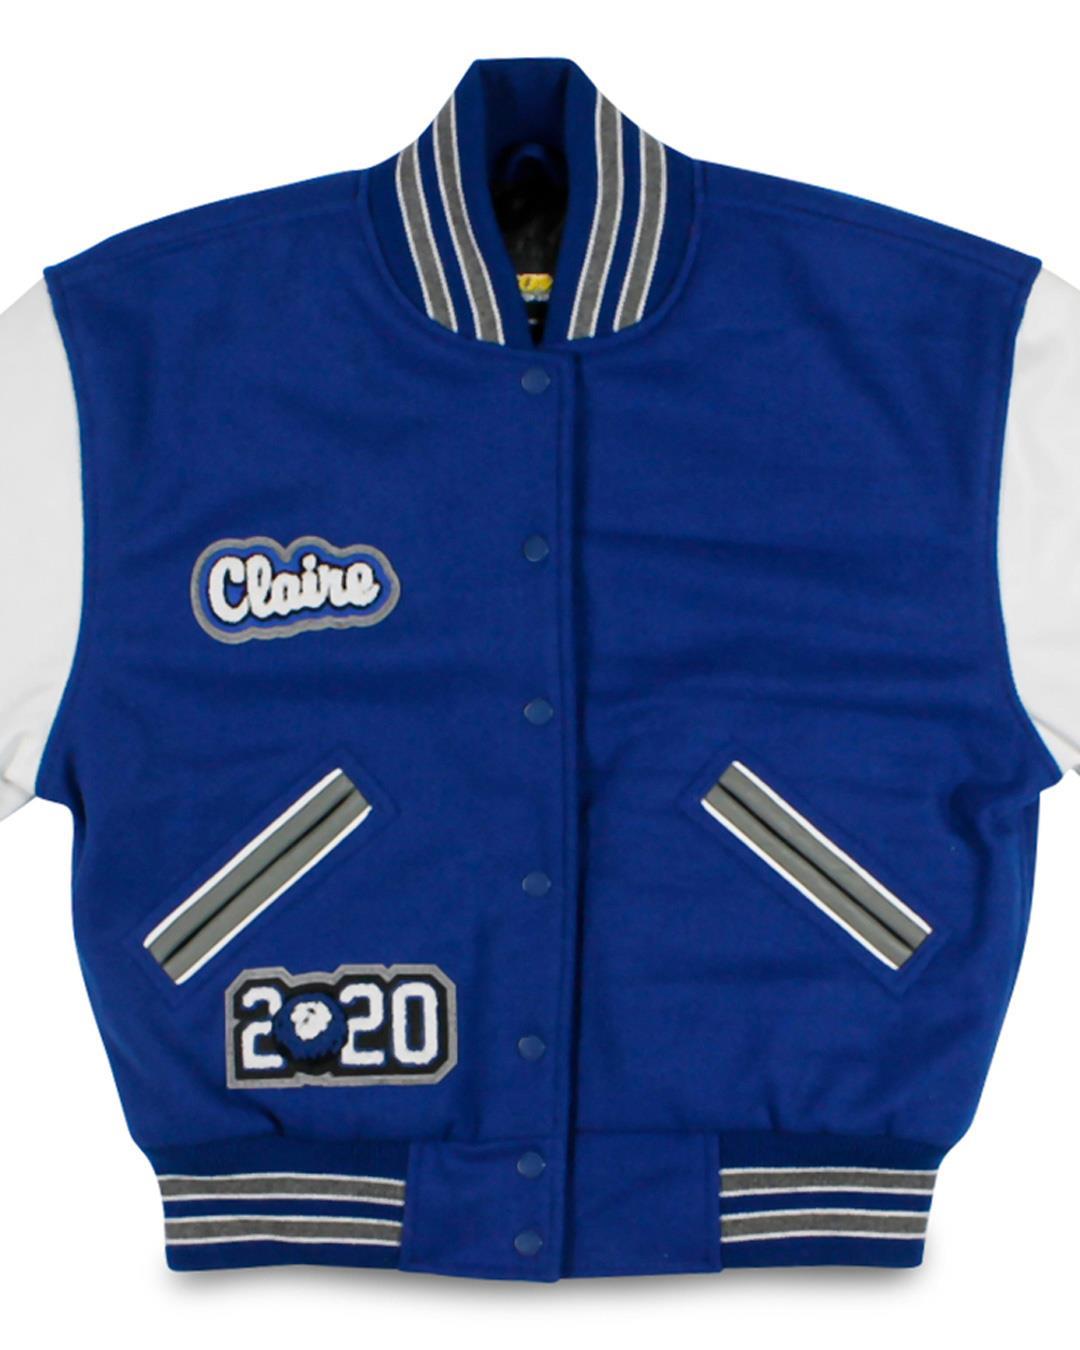 Bellevue Christian School Letterman Jacket, Bellevue WA - Front